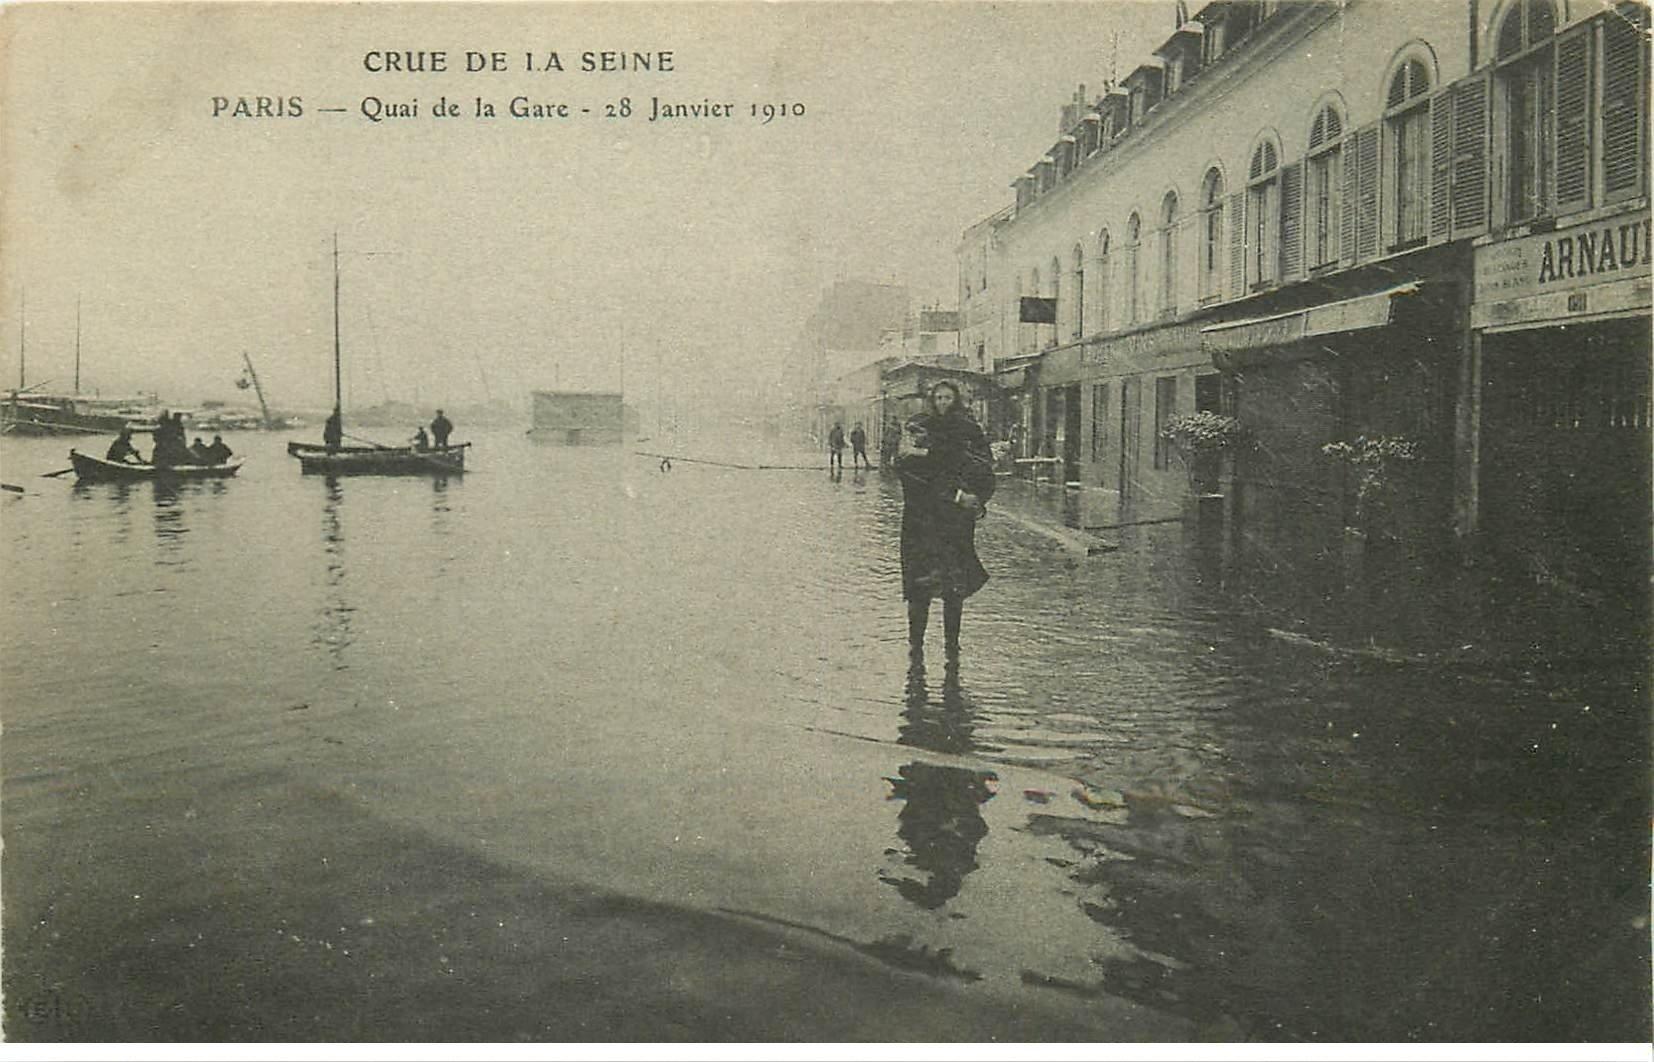 carte postale ancienne INONDATION ET CRUE DE PARIS 1910. Quai de la Gare femme dans les bras d'un Sauveteur